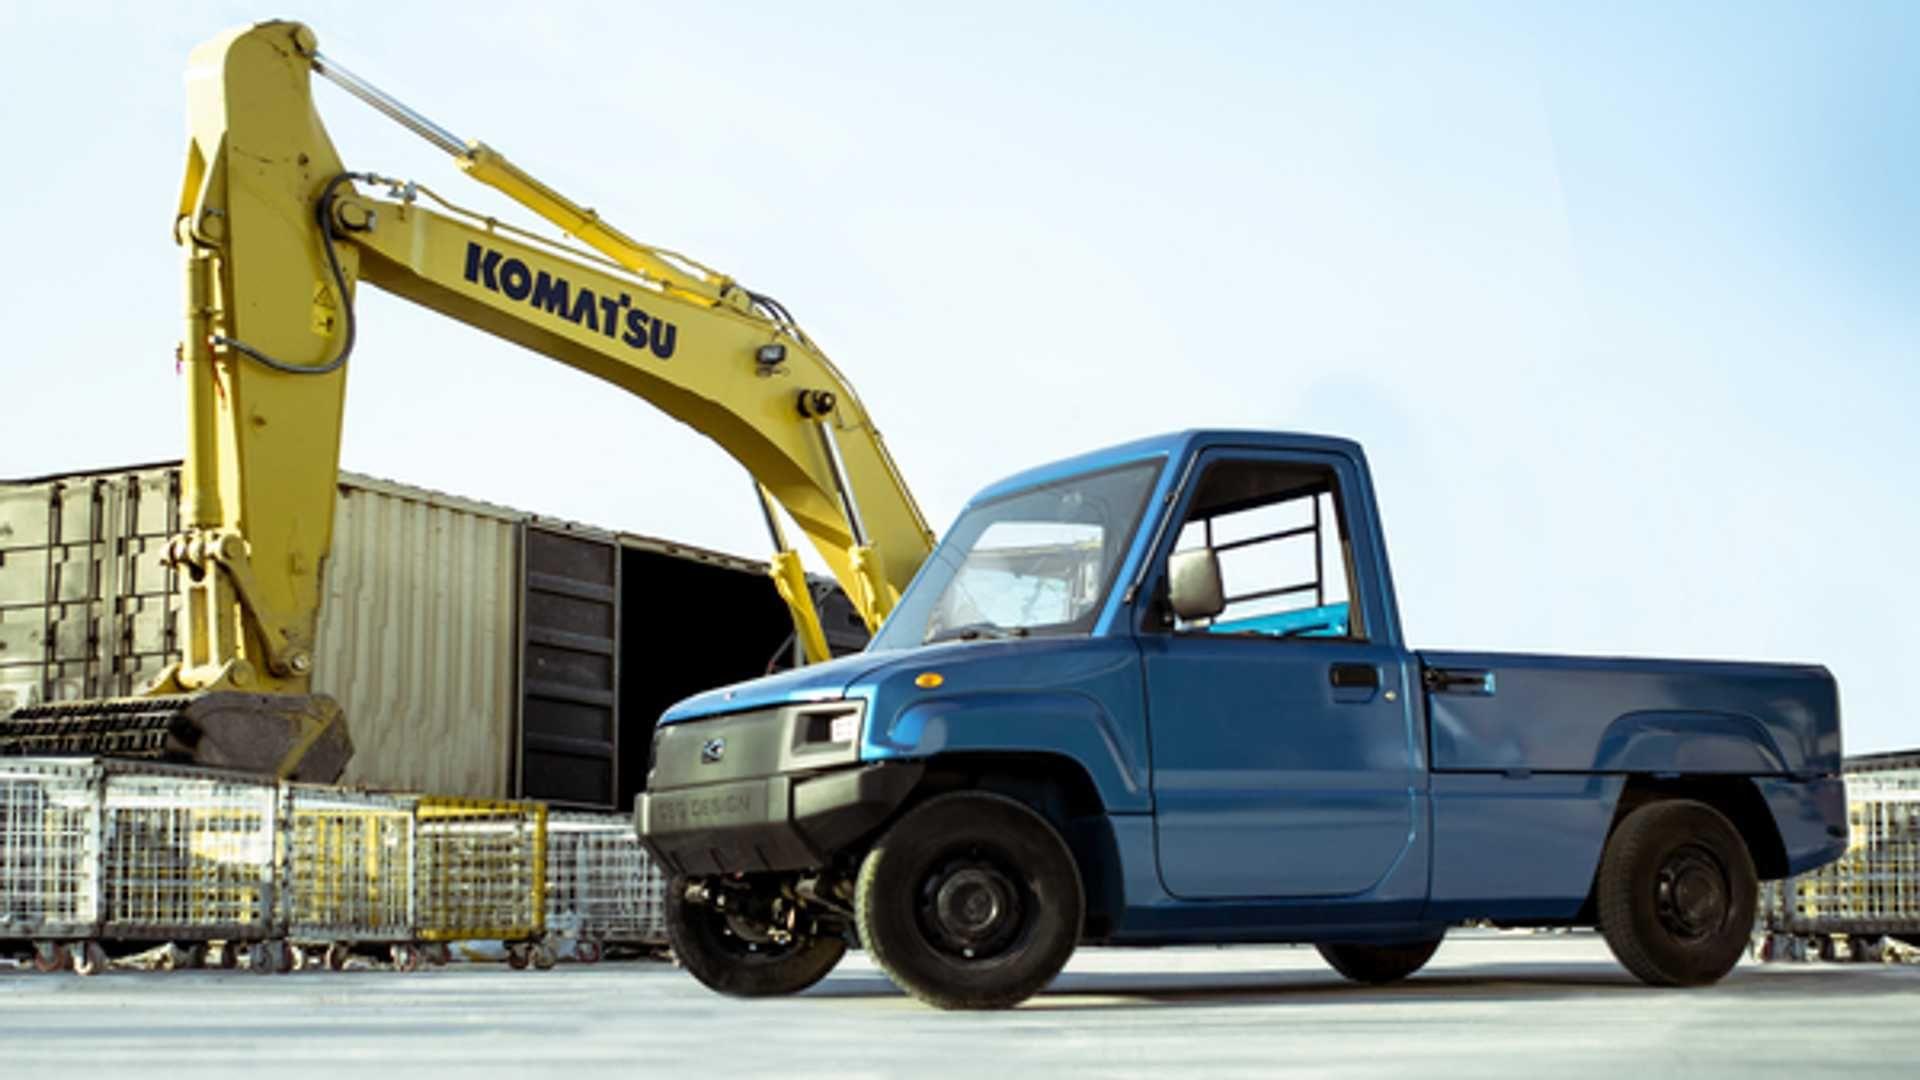 Цей мініатюрний пікап може перевозити до тонни вантажу і коштує менше 6 тисяч доларів